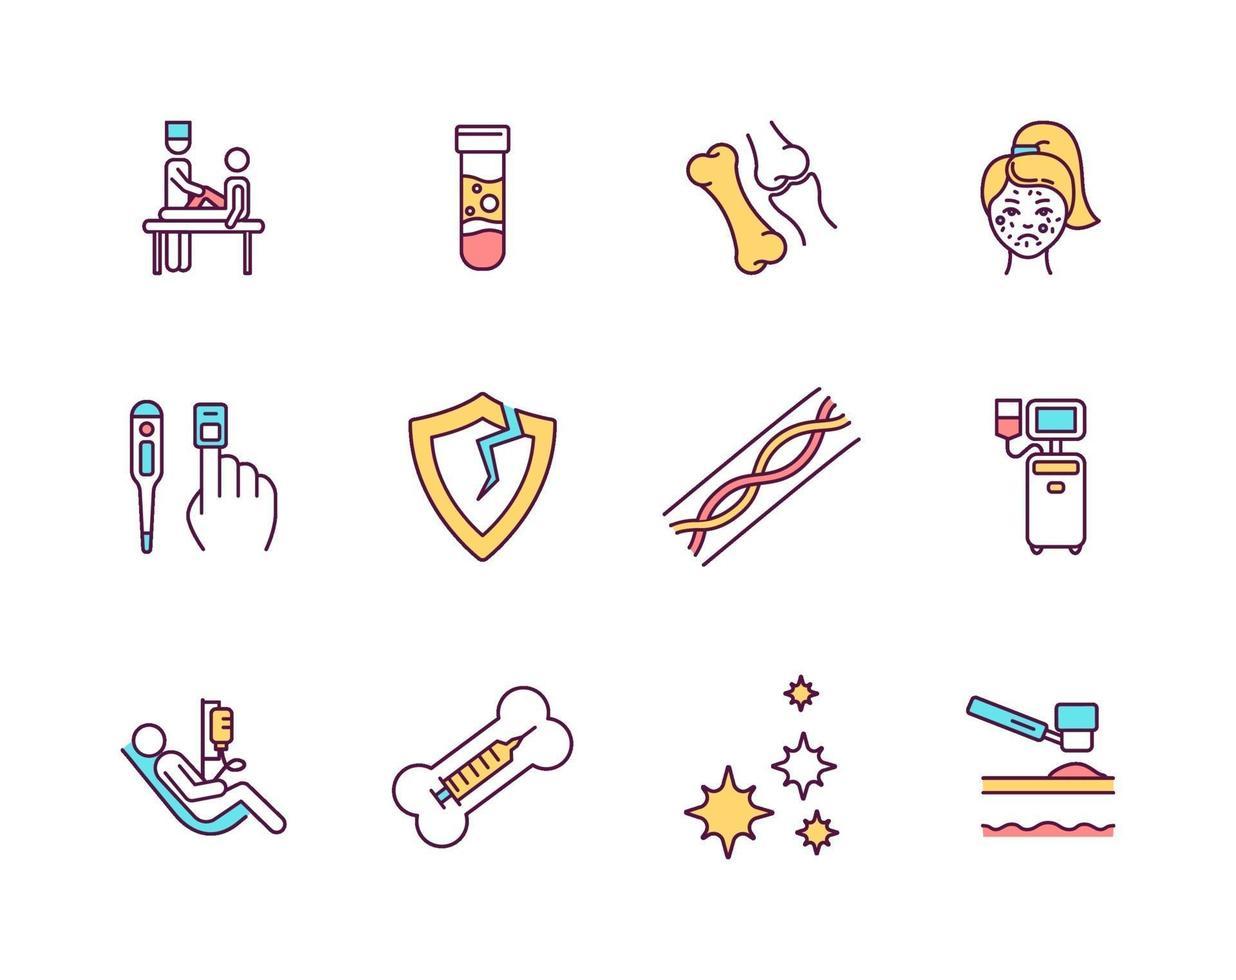 conjunto de ícones de cores rgb de procedimentos médicos vetor